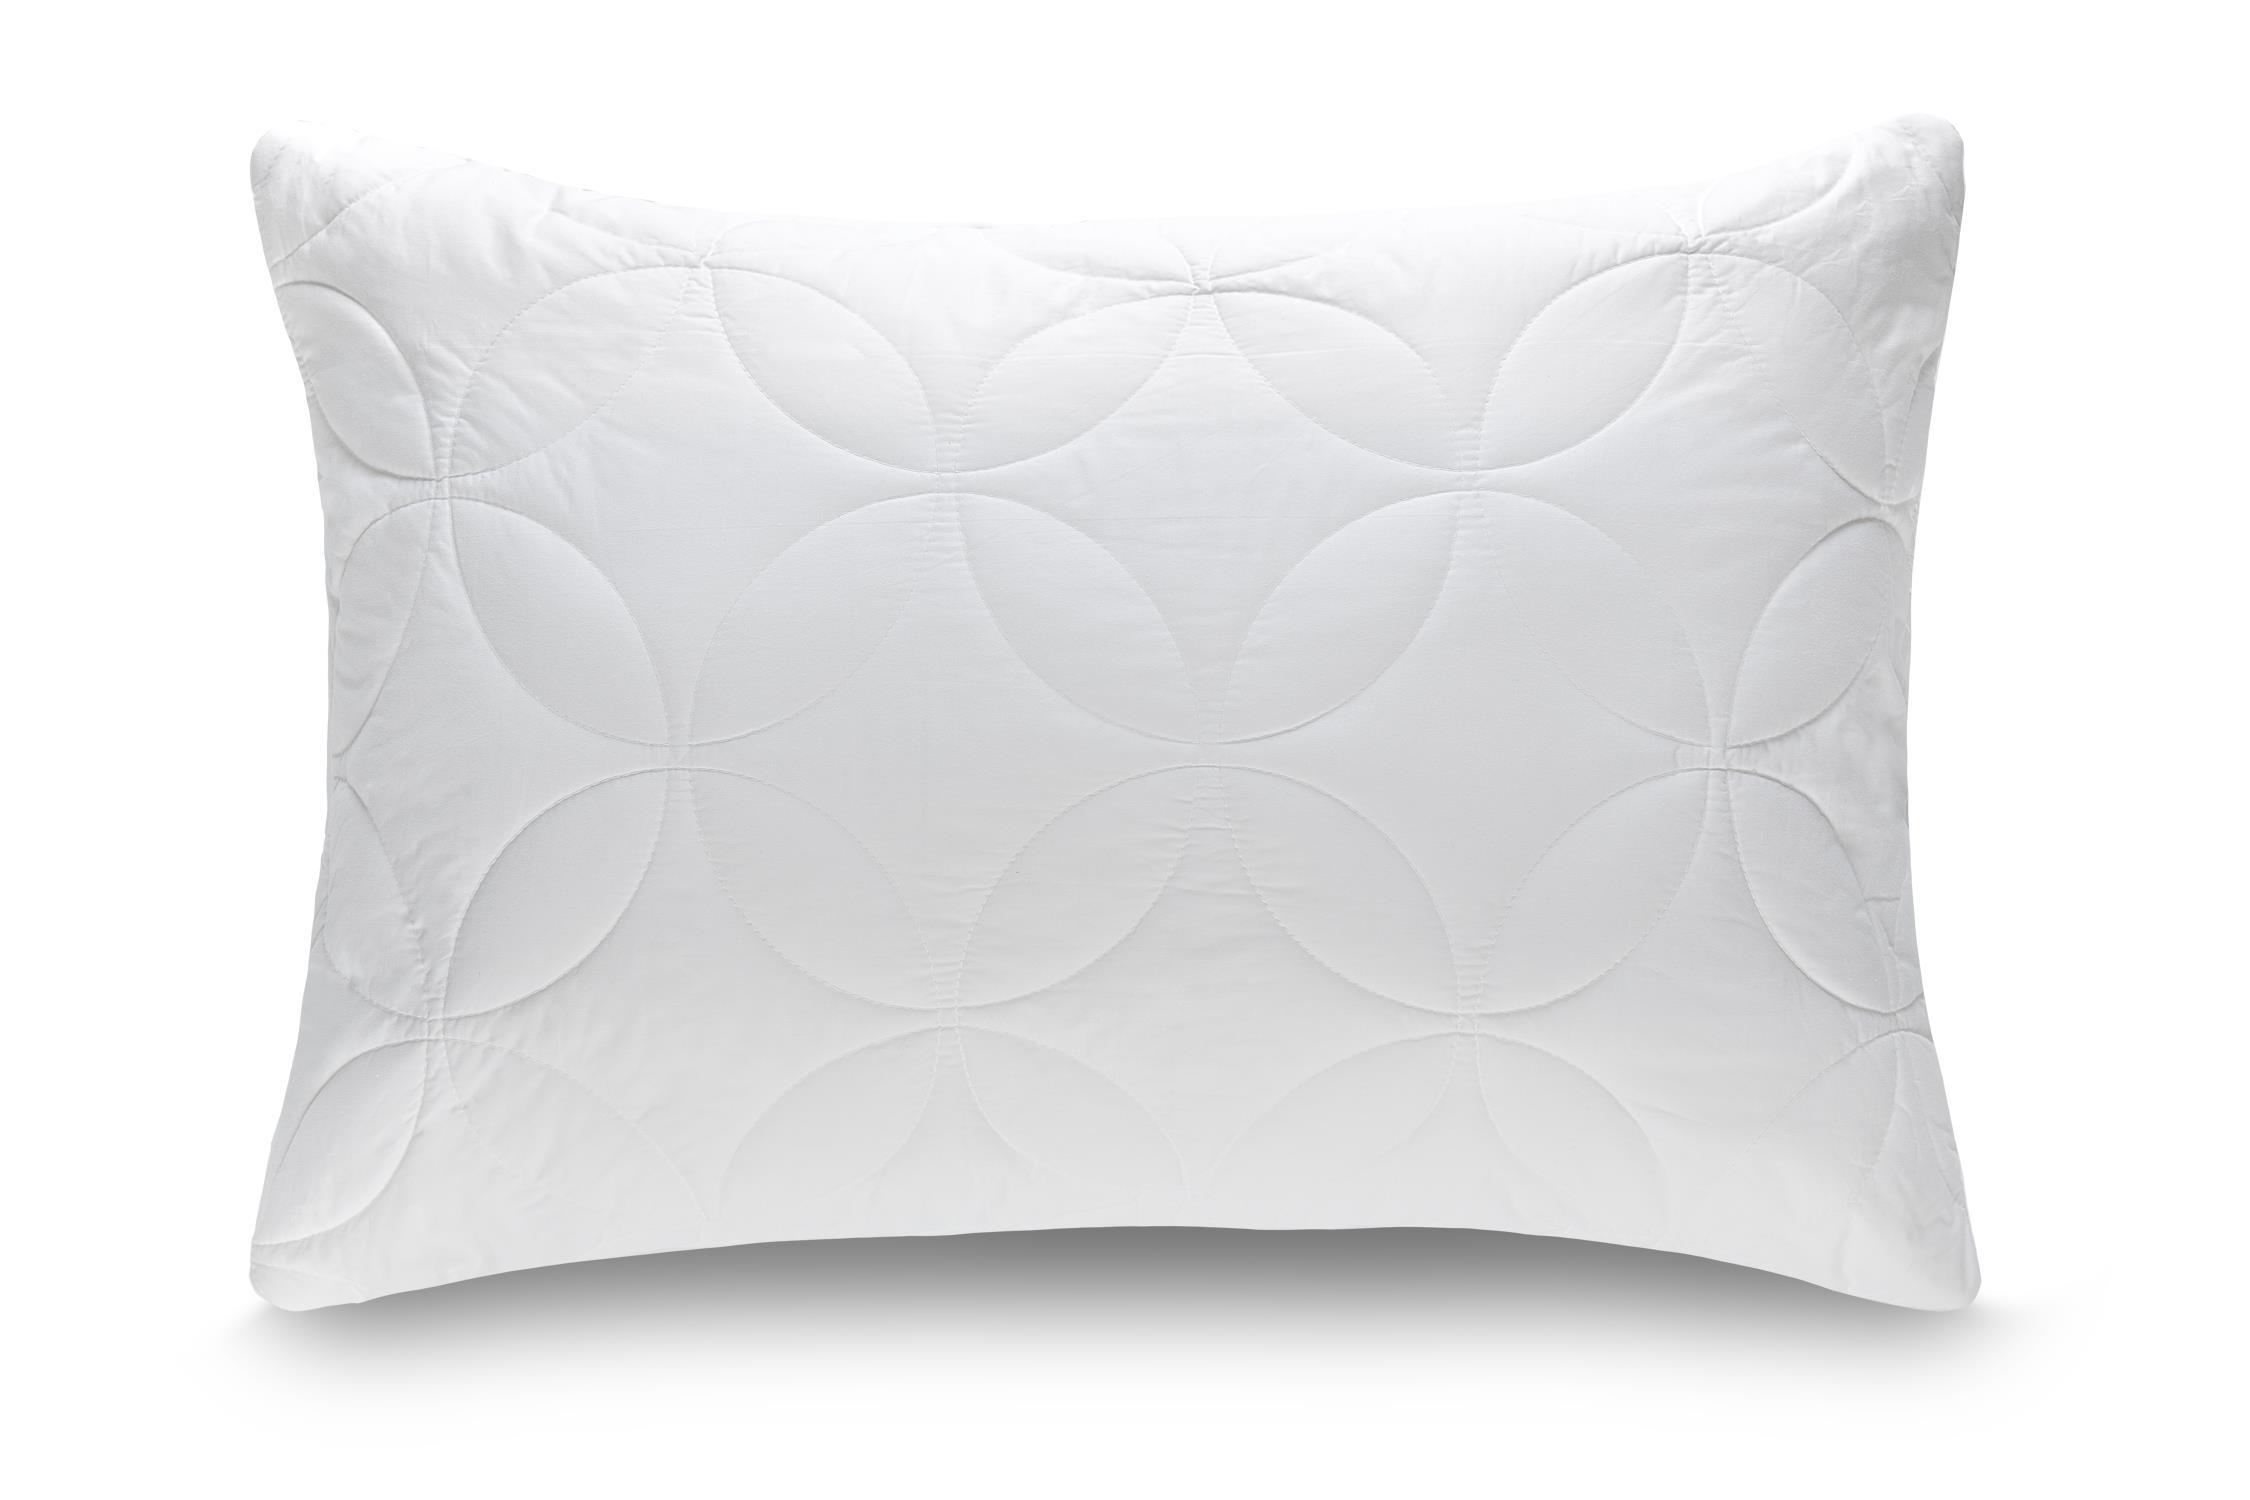 Tempur-Pedic® Pillows King Cloud Soft & Lofty Pillow - Item Number: 15440125